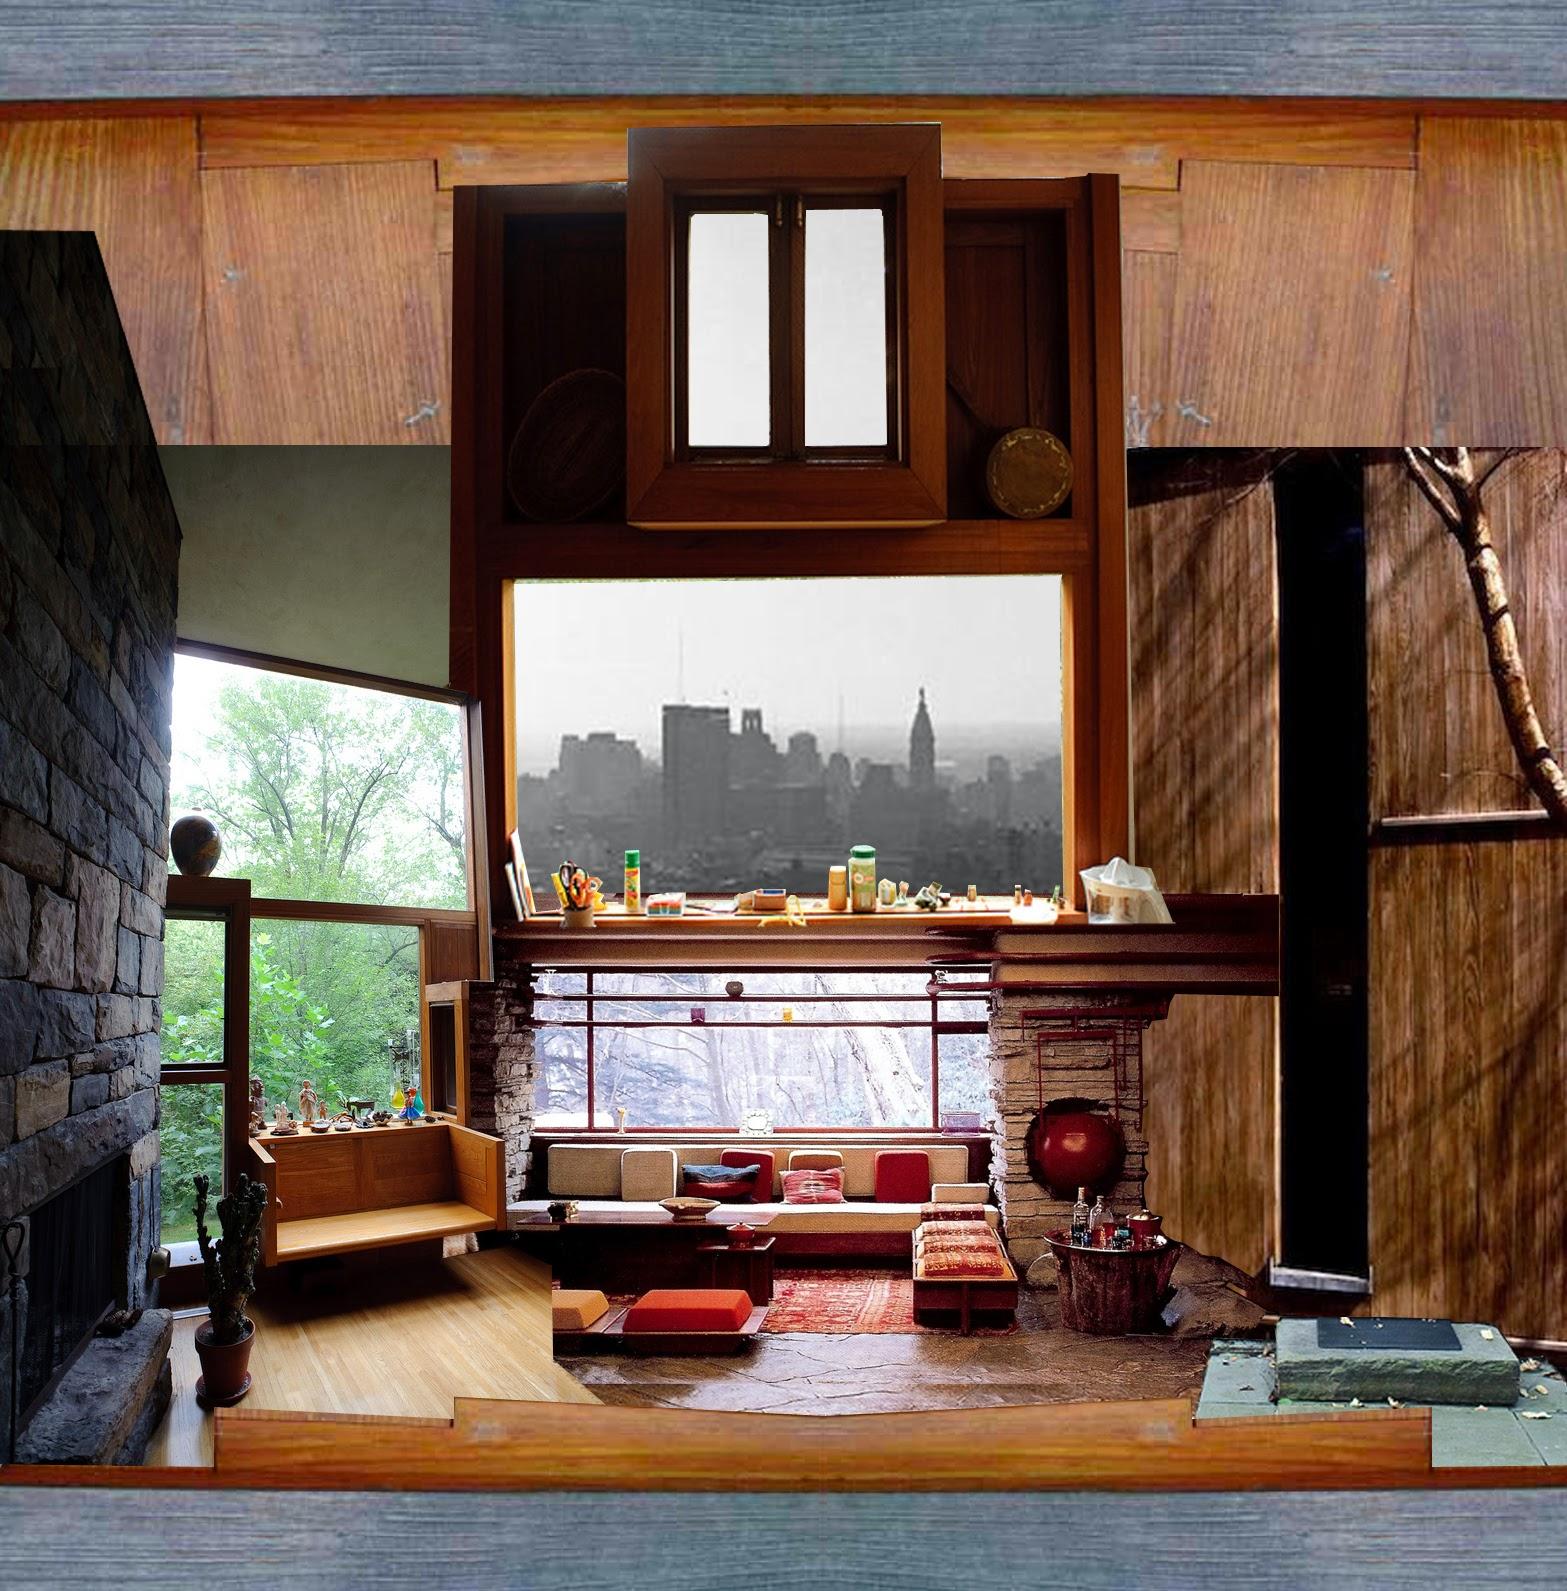 Historia de la arquitectura moderna louis i kahn usa for Arquitectura moderna caracteristicas